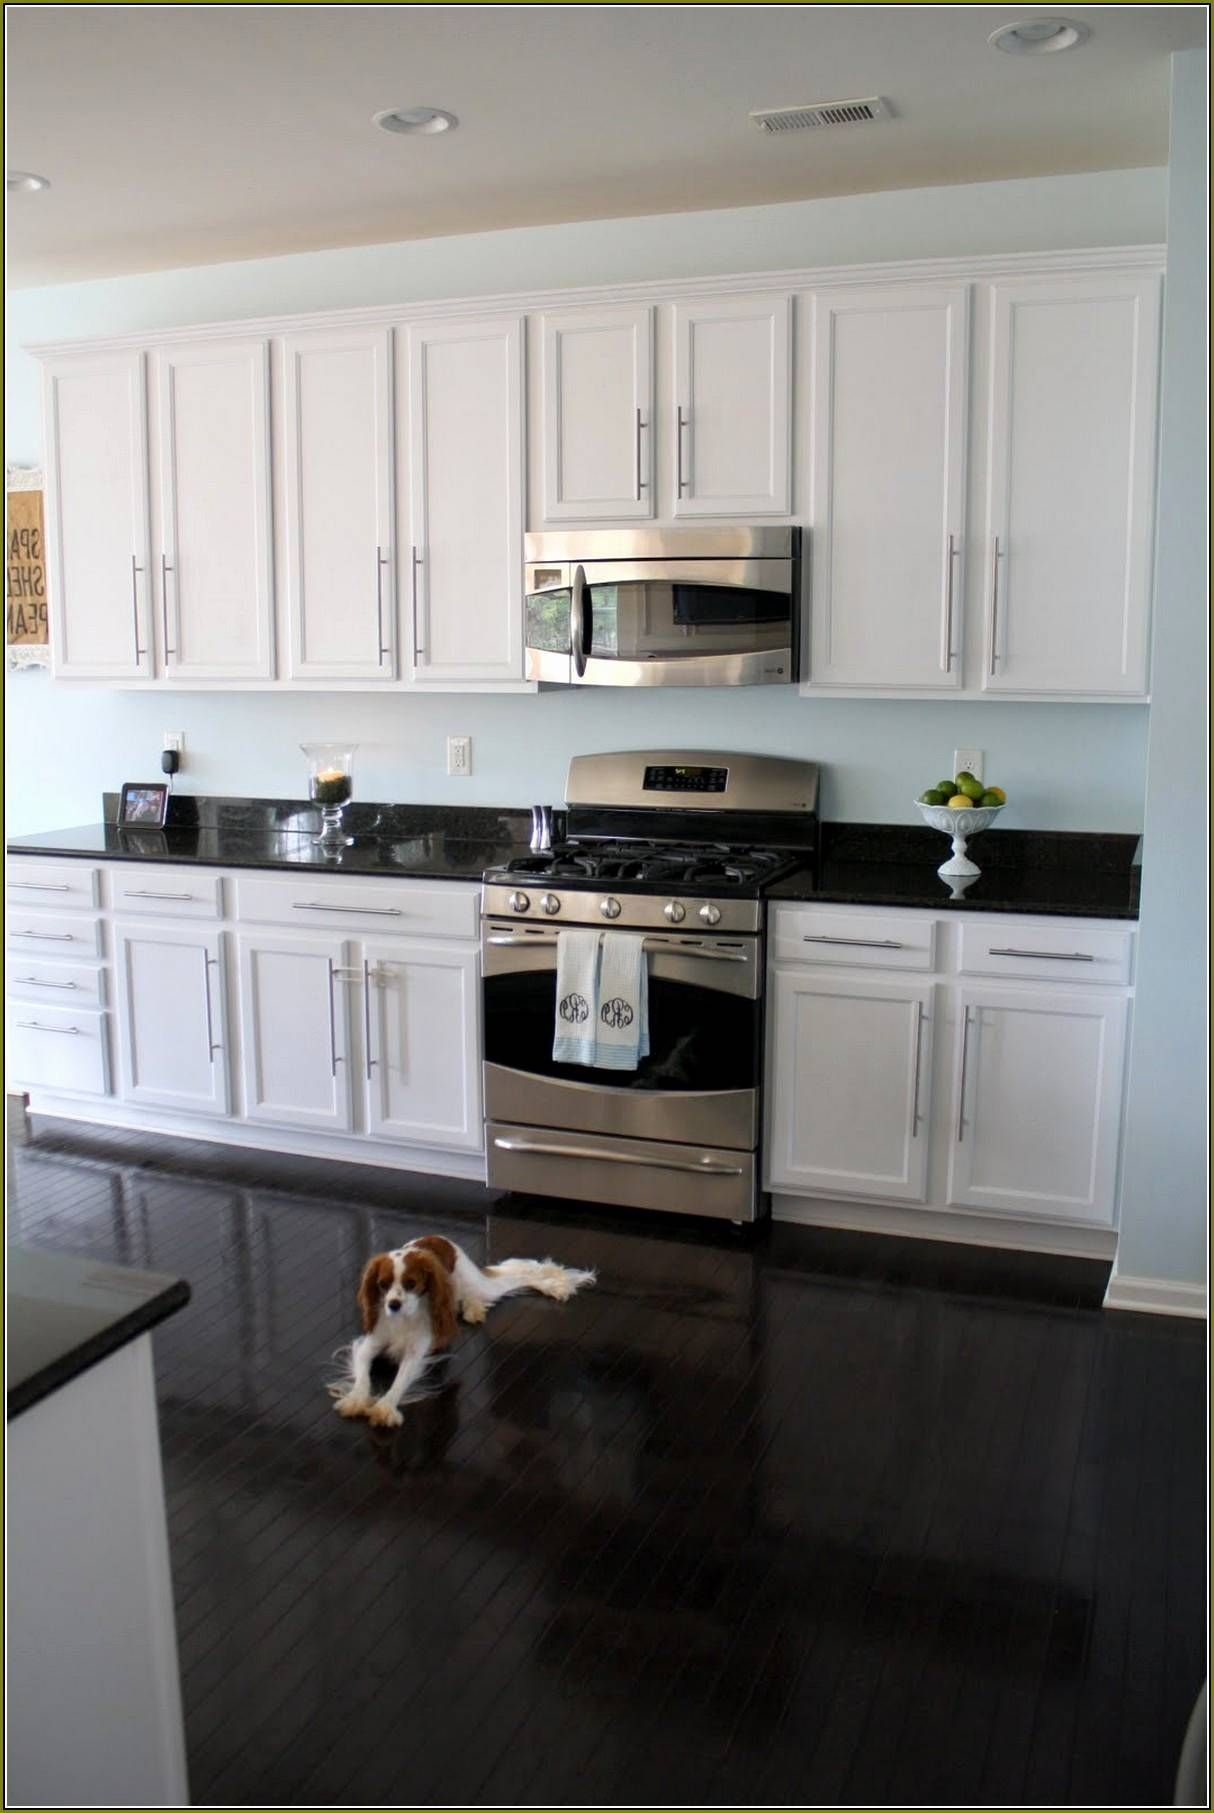 C-förmige design-ideen für küchen cabinet hardware richmond va  bei der installation von cabinet